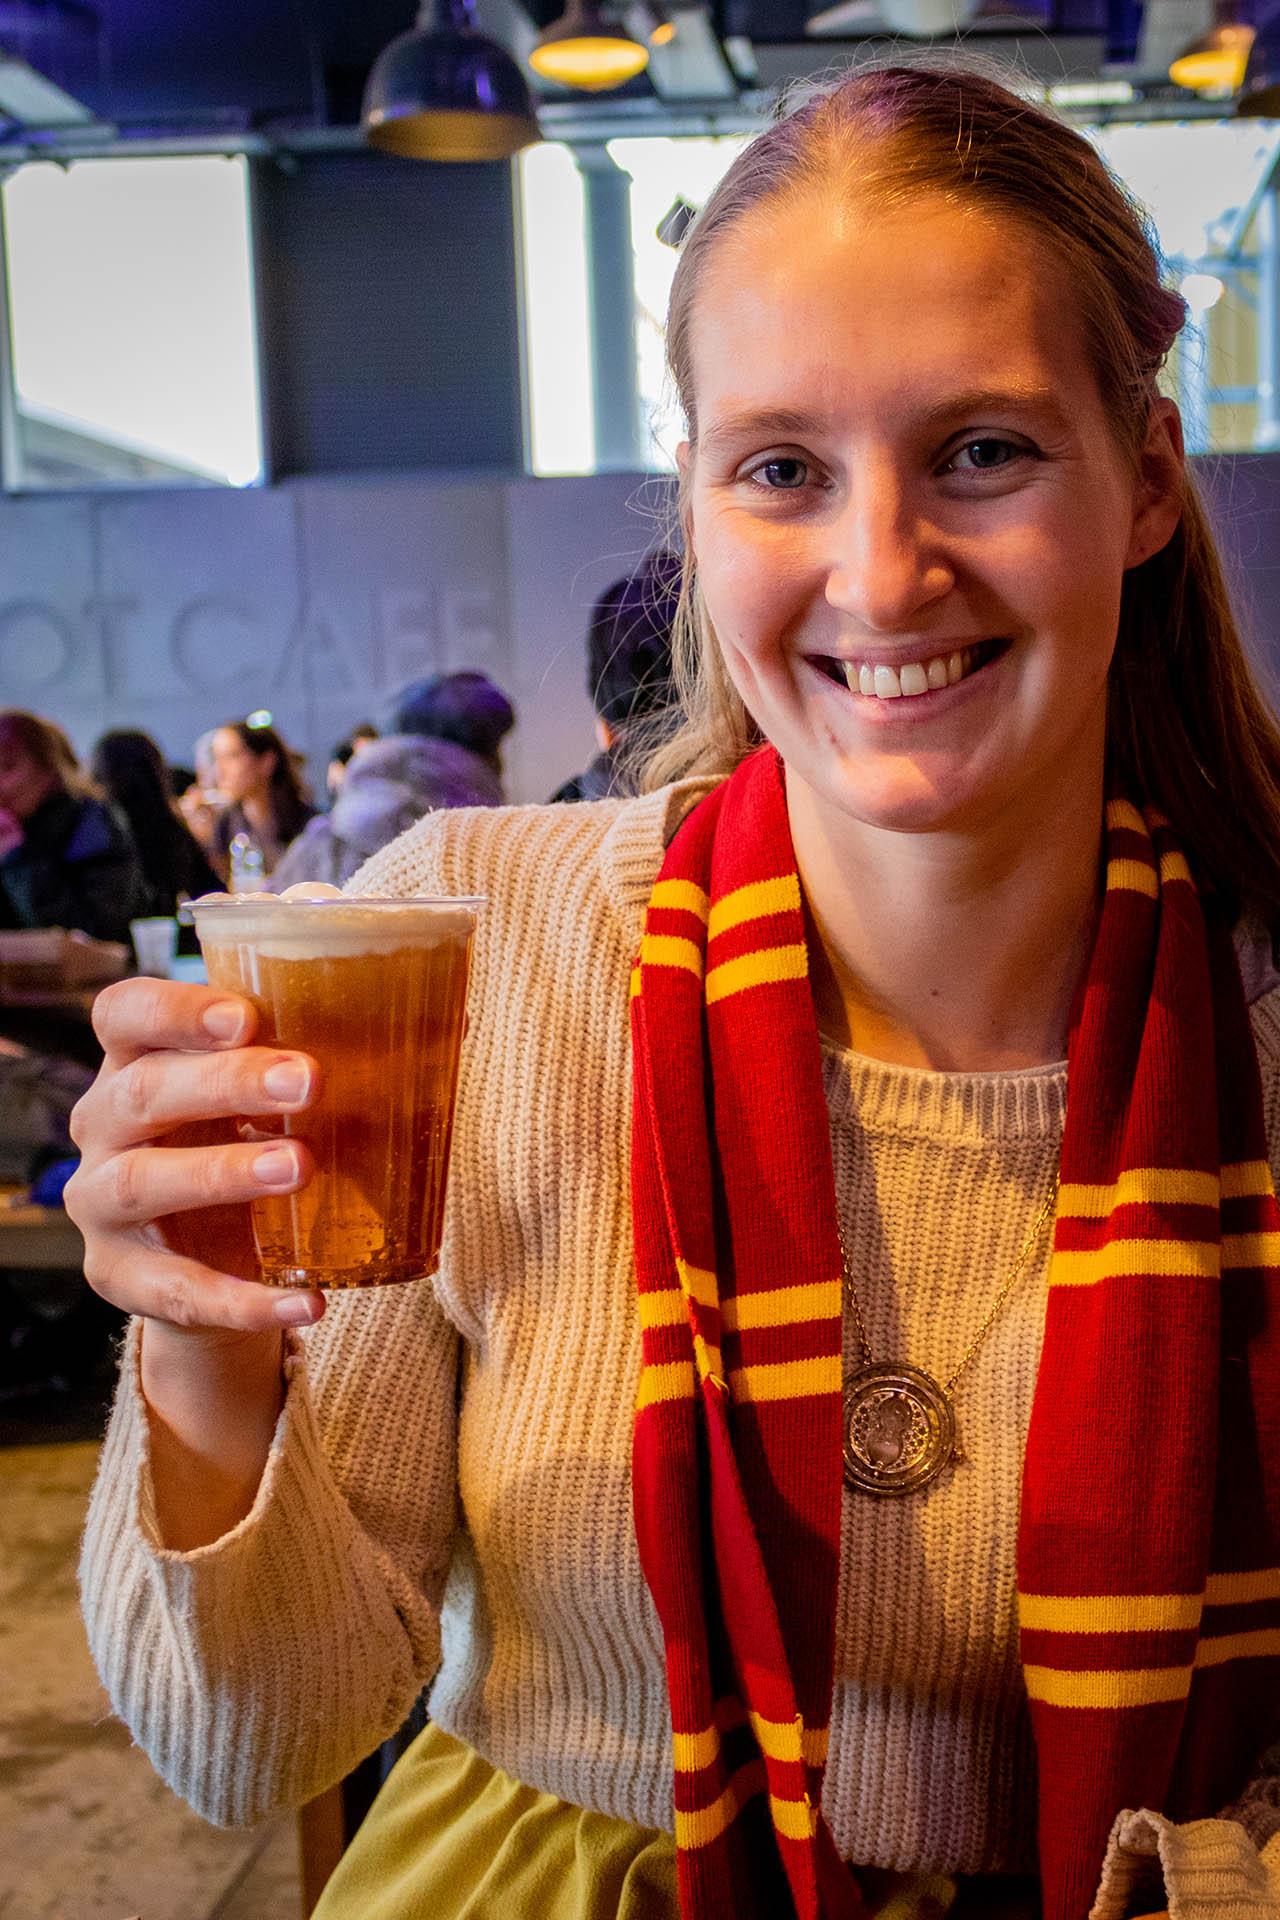 Meisje met glas boterbier of butterbeer in de Warner Bros. Studio Tour in Londen met Gryffindor sjaal